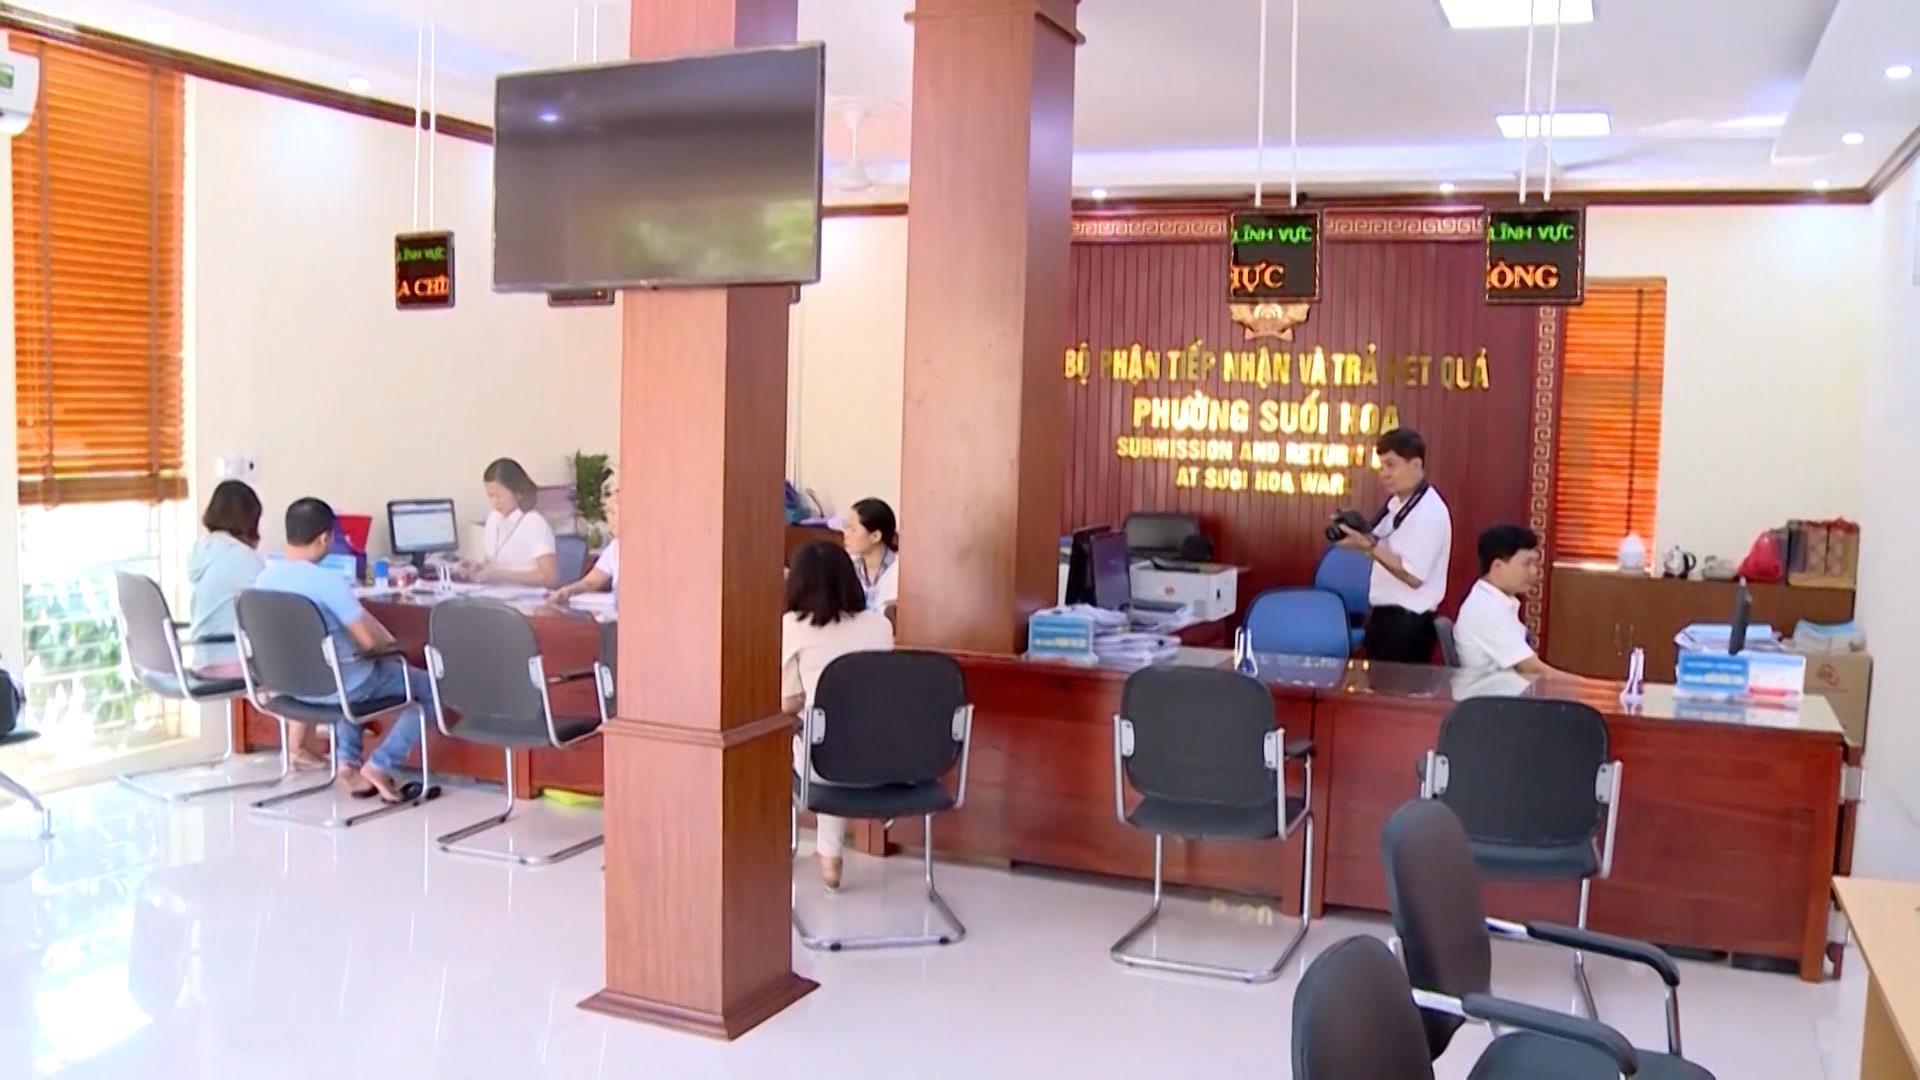 Bắc Ninh hướng tới nền hành chính hiện đại